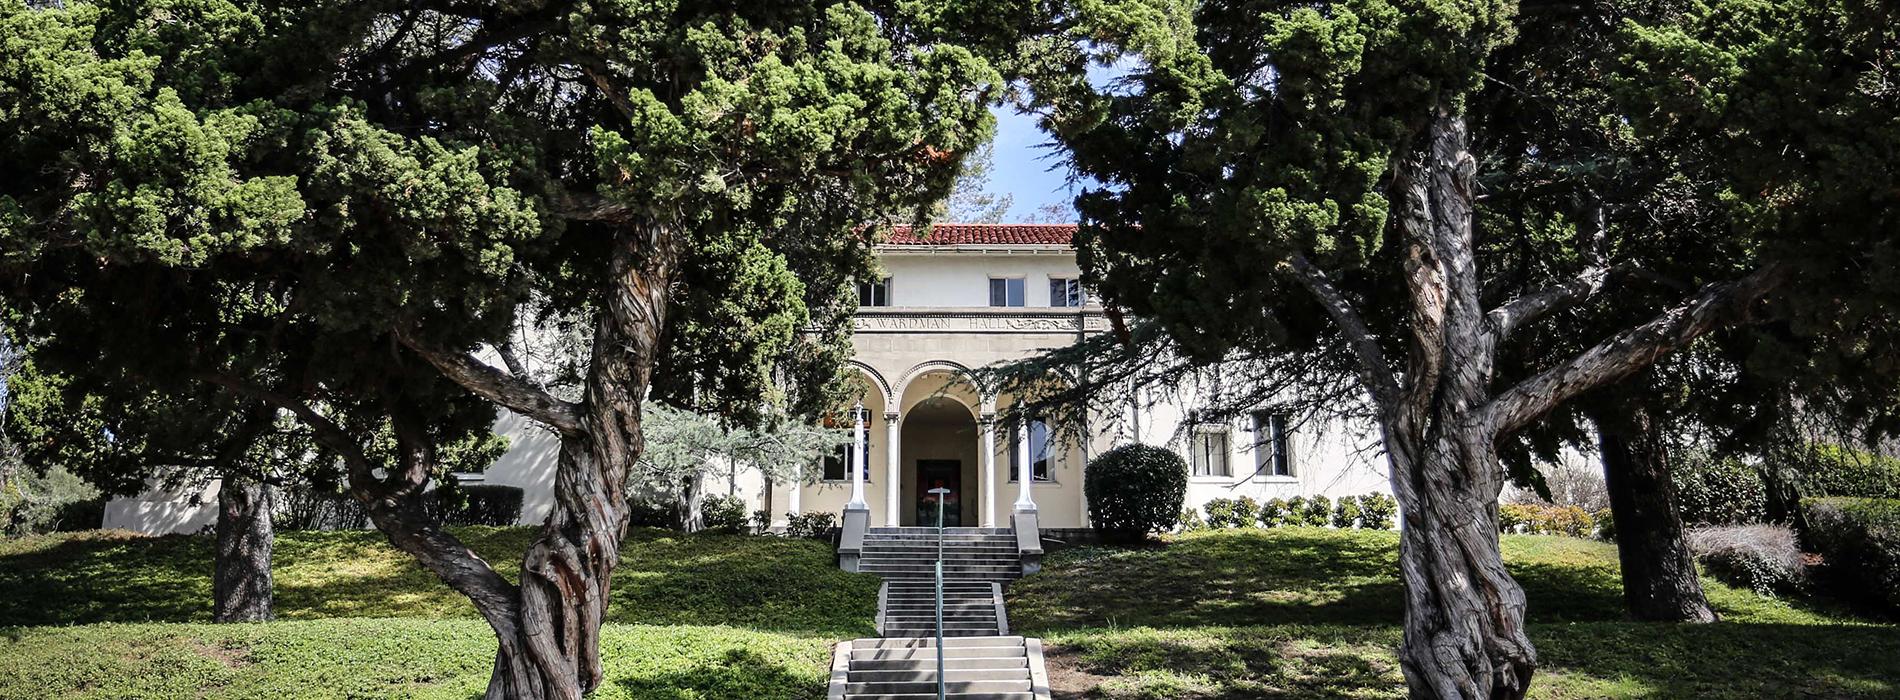 Wardman Hall